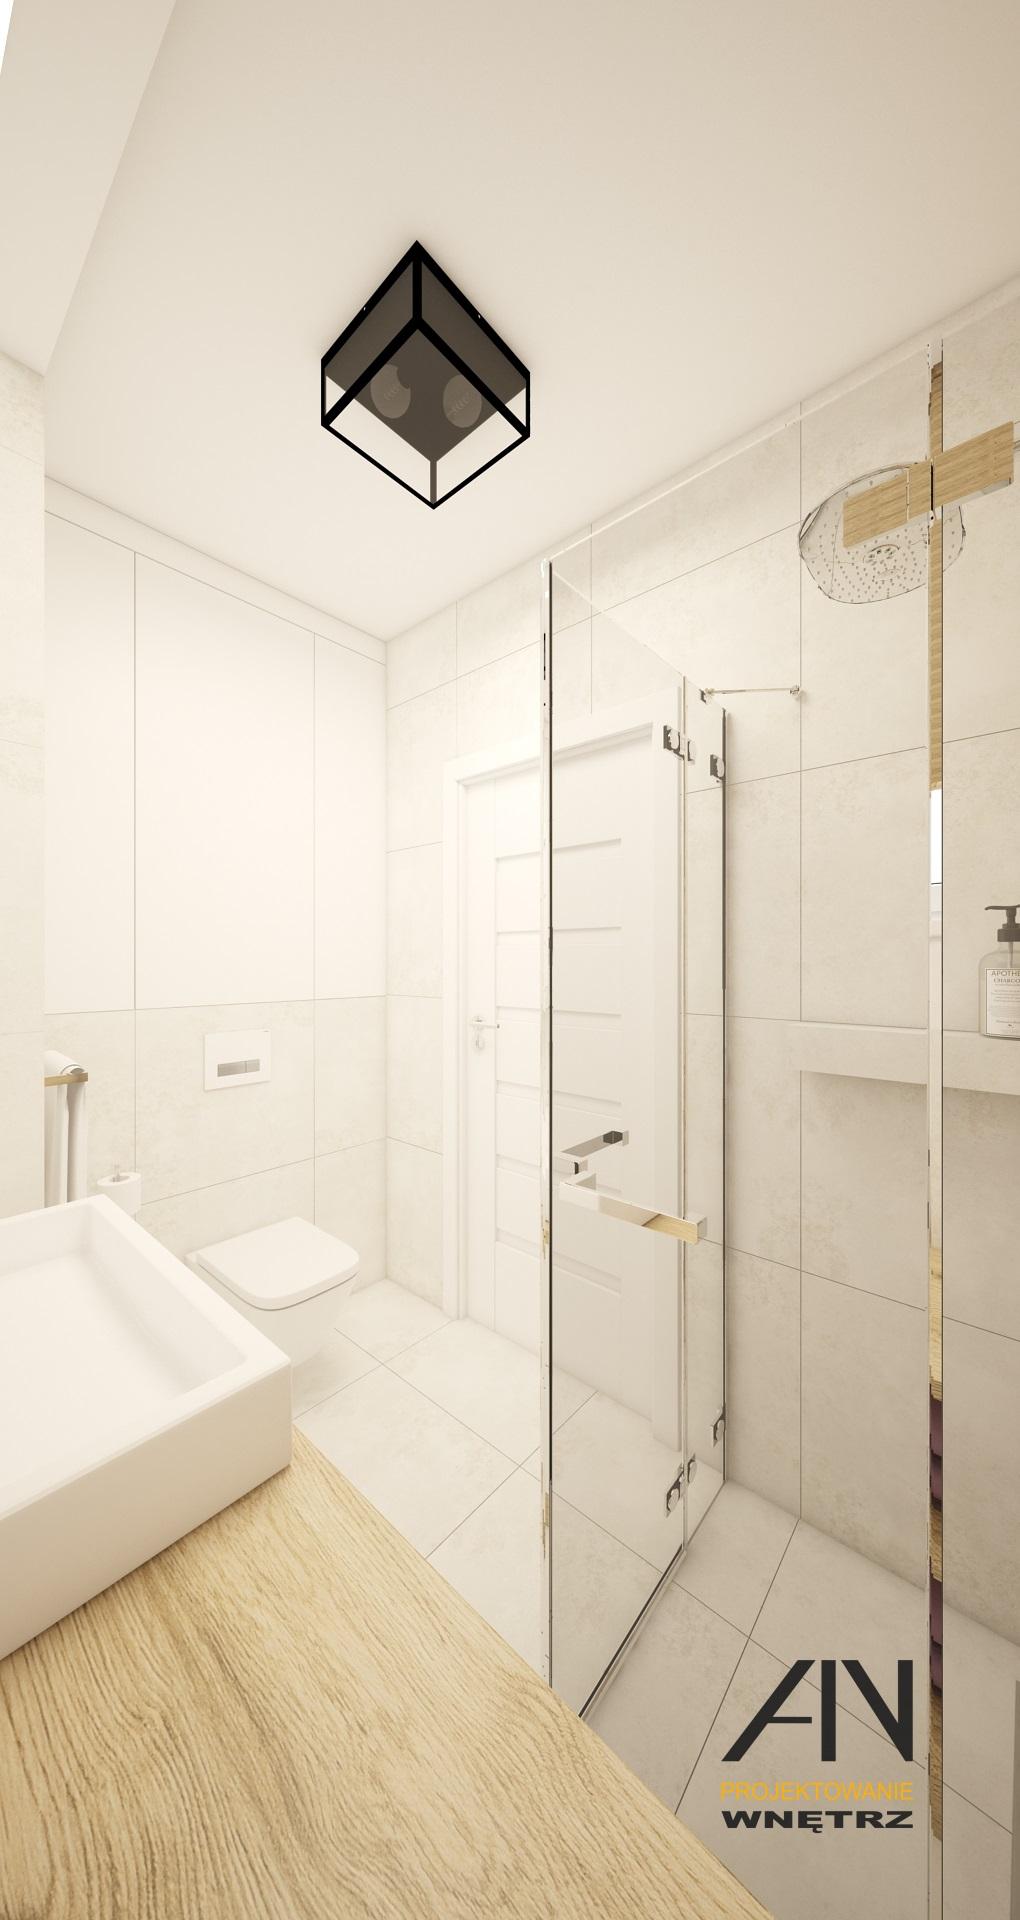 łazienka 3d